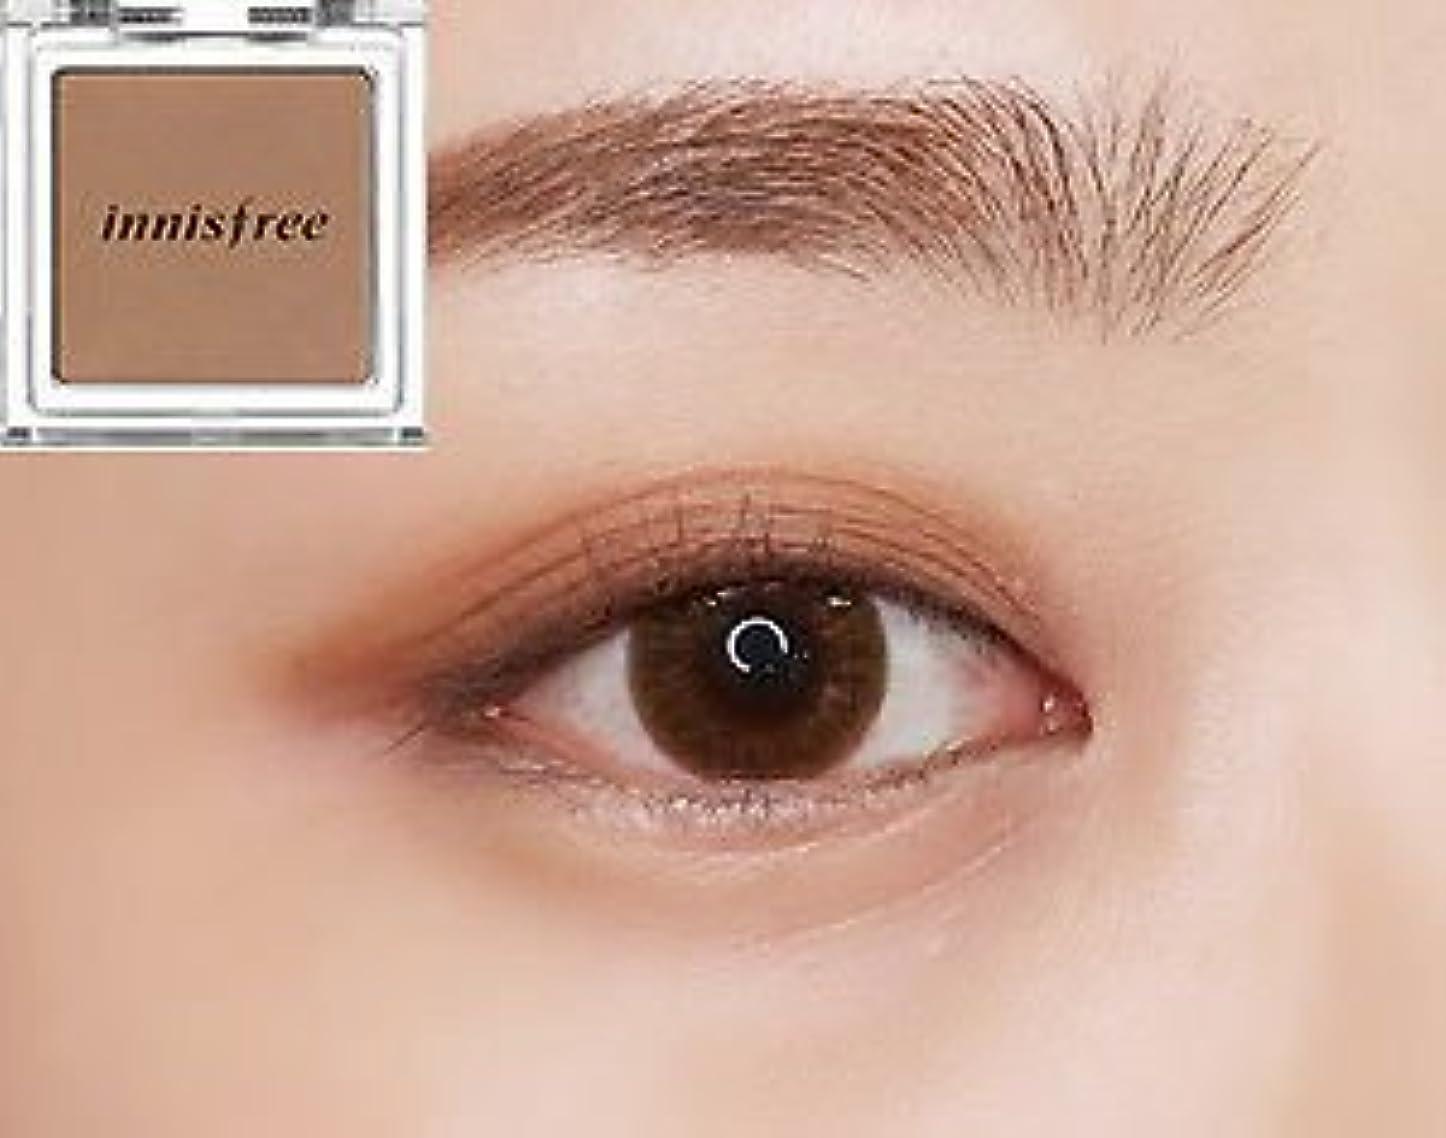 記録結婚したキロメートル[イニスフリー] innisfree [マイ パレット マイ アイシャドウ (マット) 40カラー] MY PALETTE My Eyeshadow (Matte) 40 Shades [海外直送品] (マット #19)